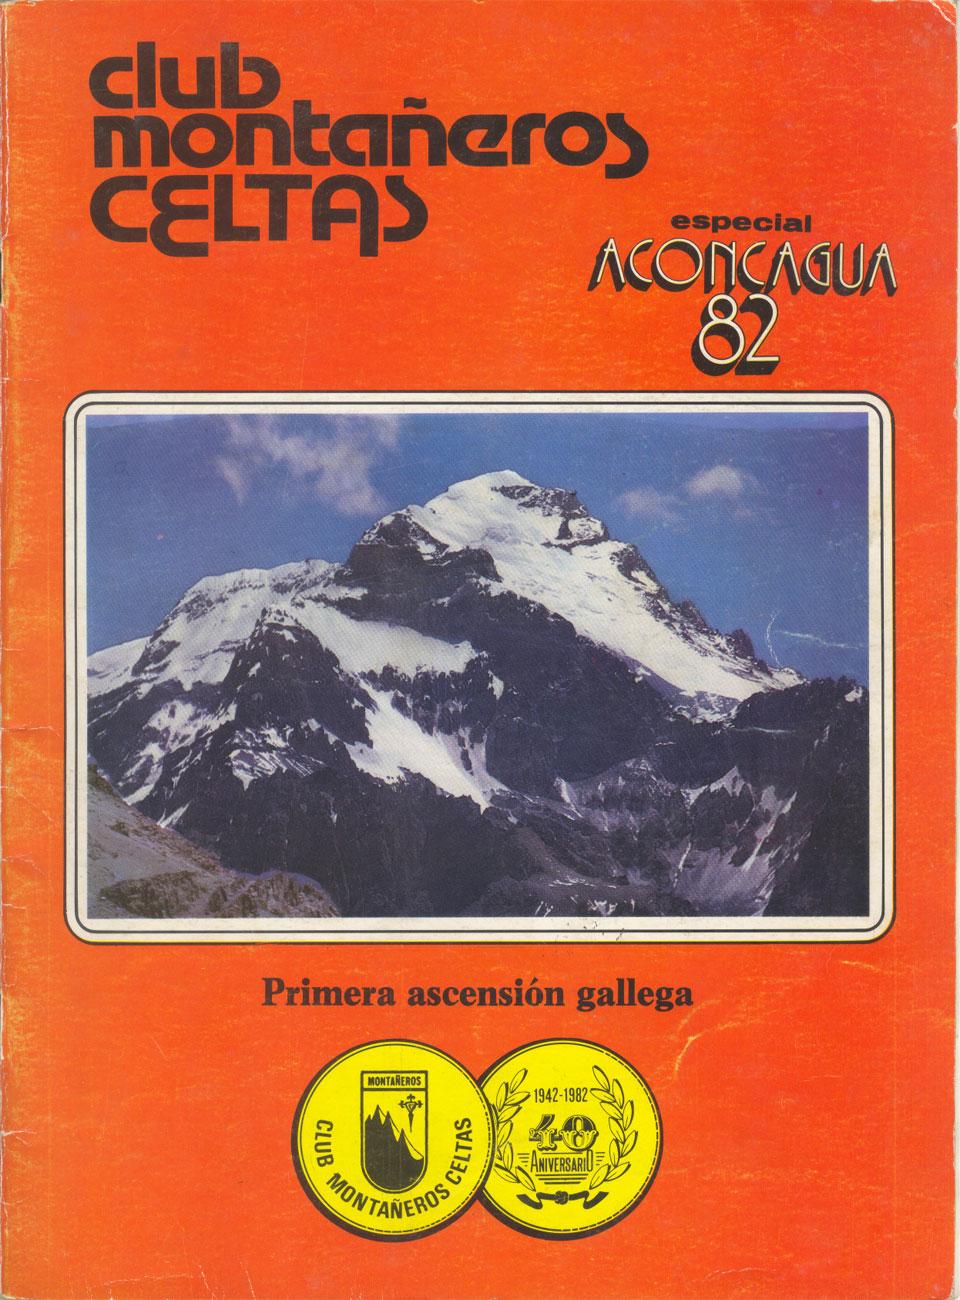 Boletín Montañeros Celtas. Especial Aconcagua 82